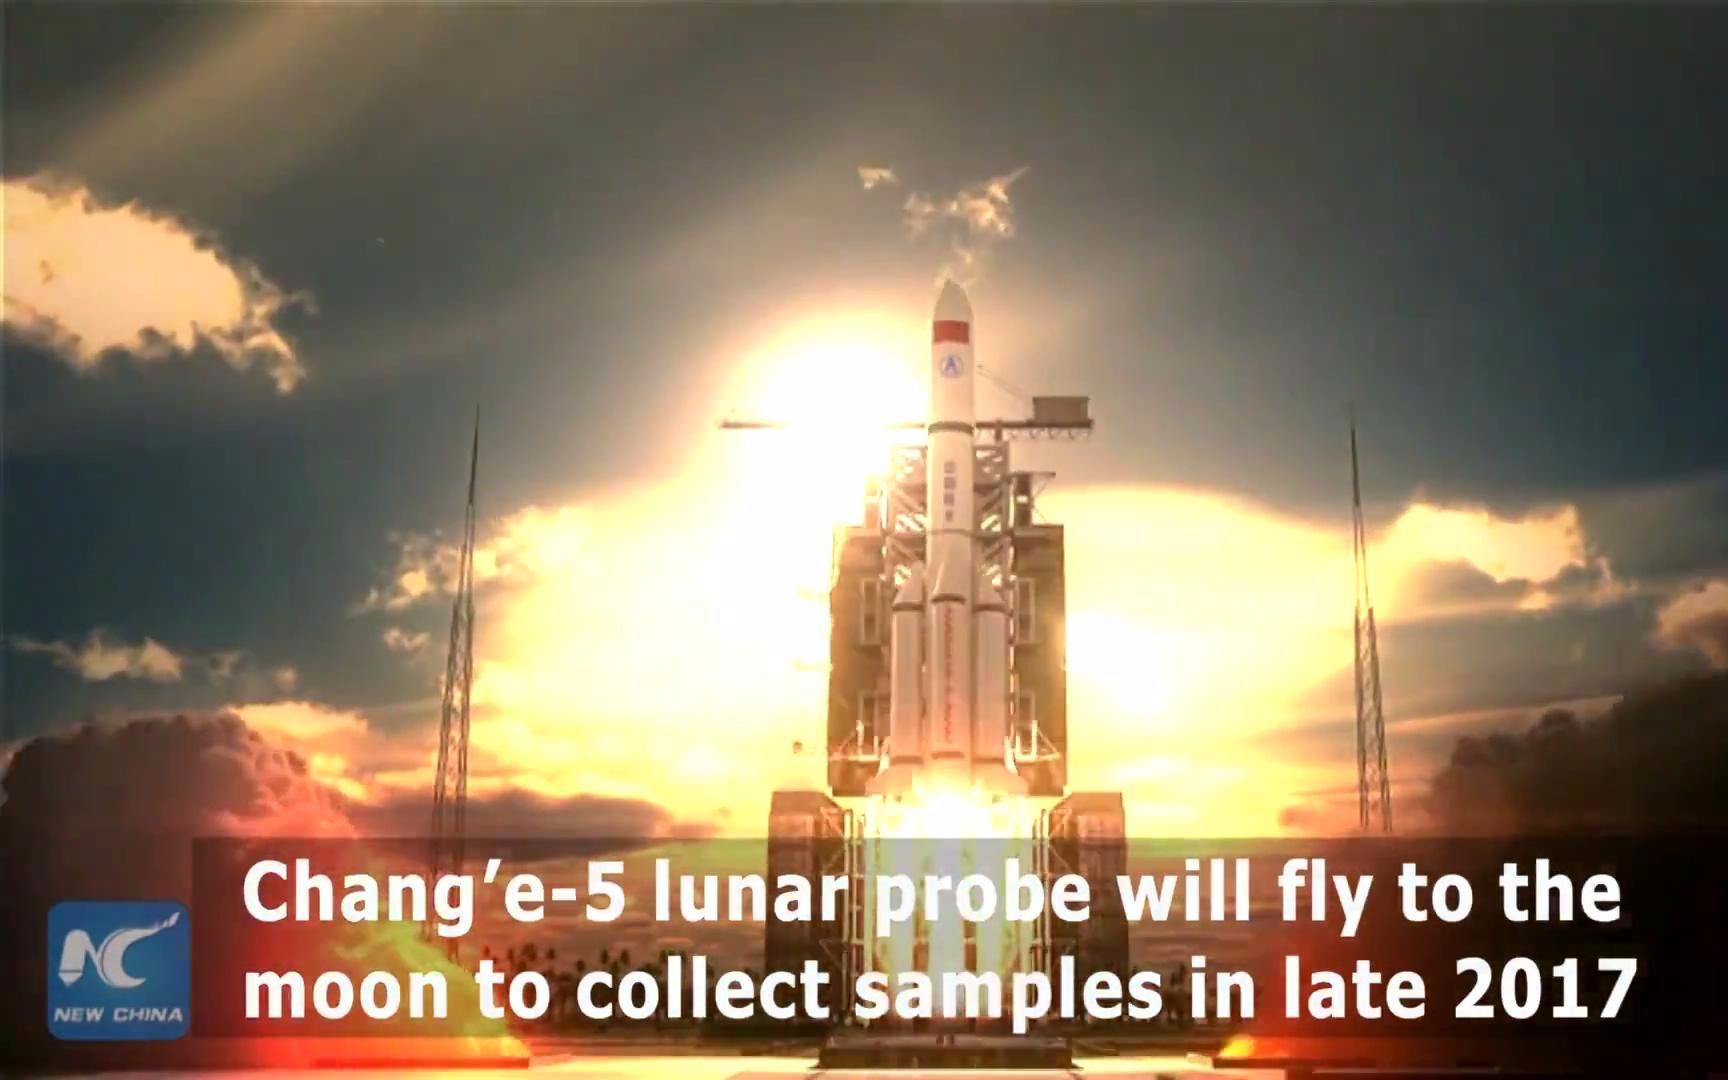 中国嫦娥三号_嫦娥五号将如何把月球土壤样本带回地球(全程动画演示)_哔哩 ...